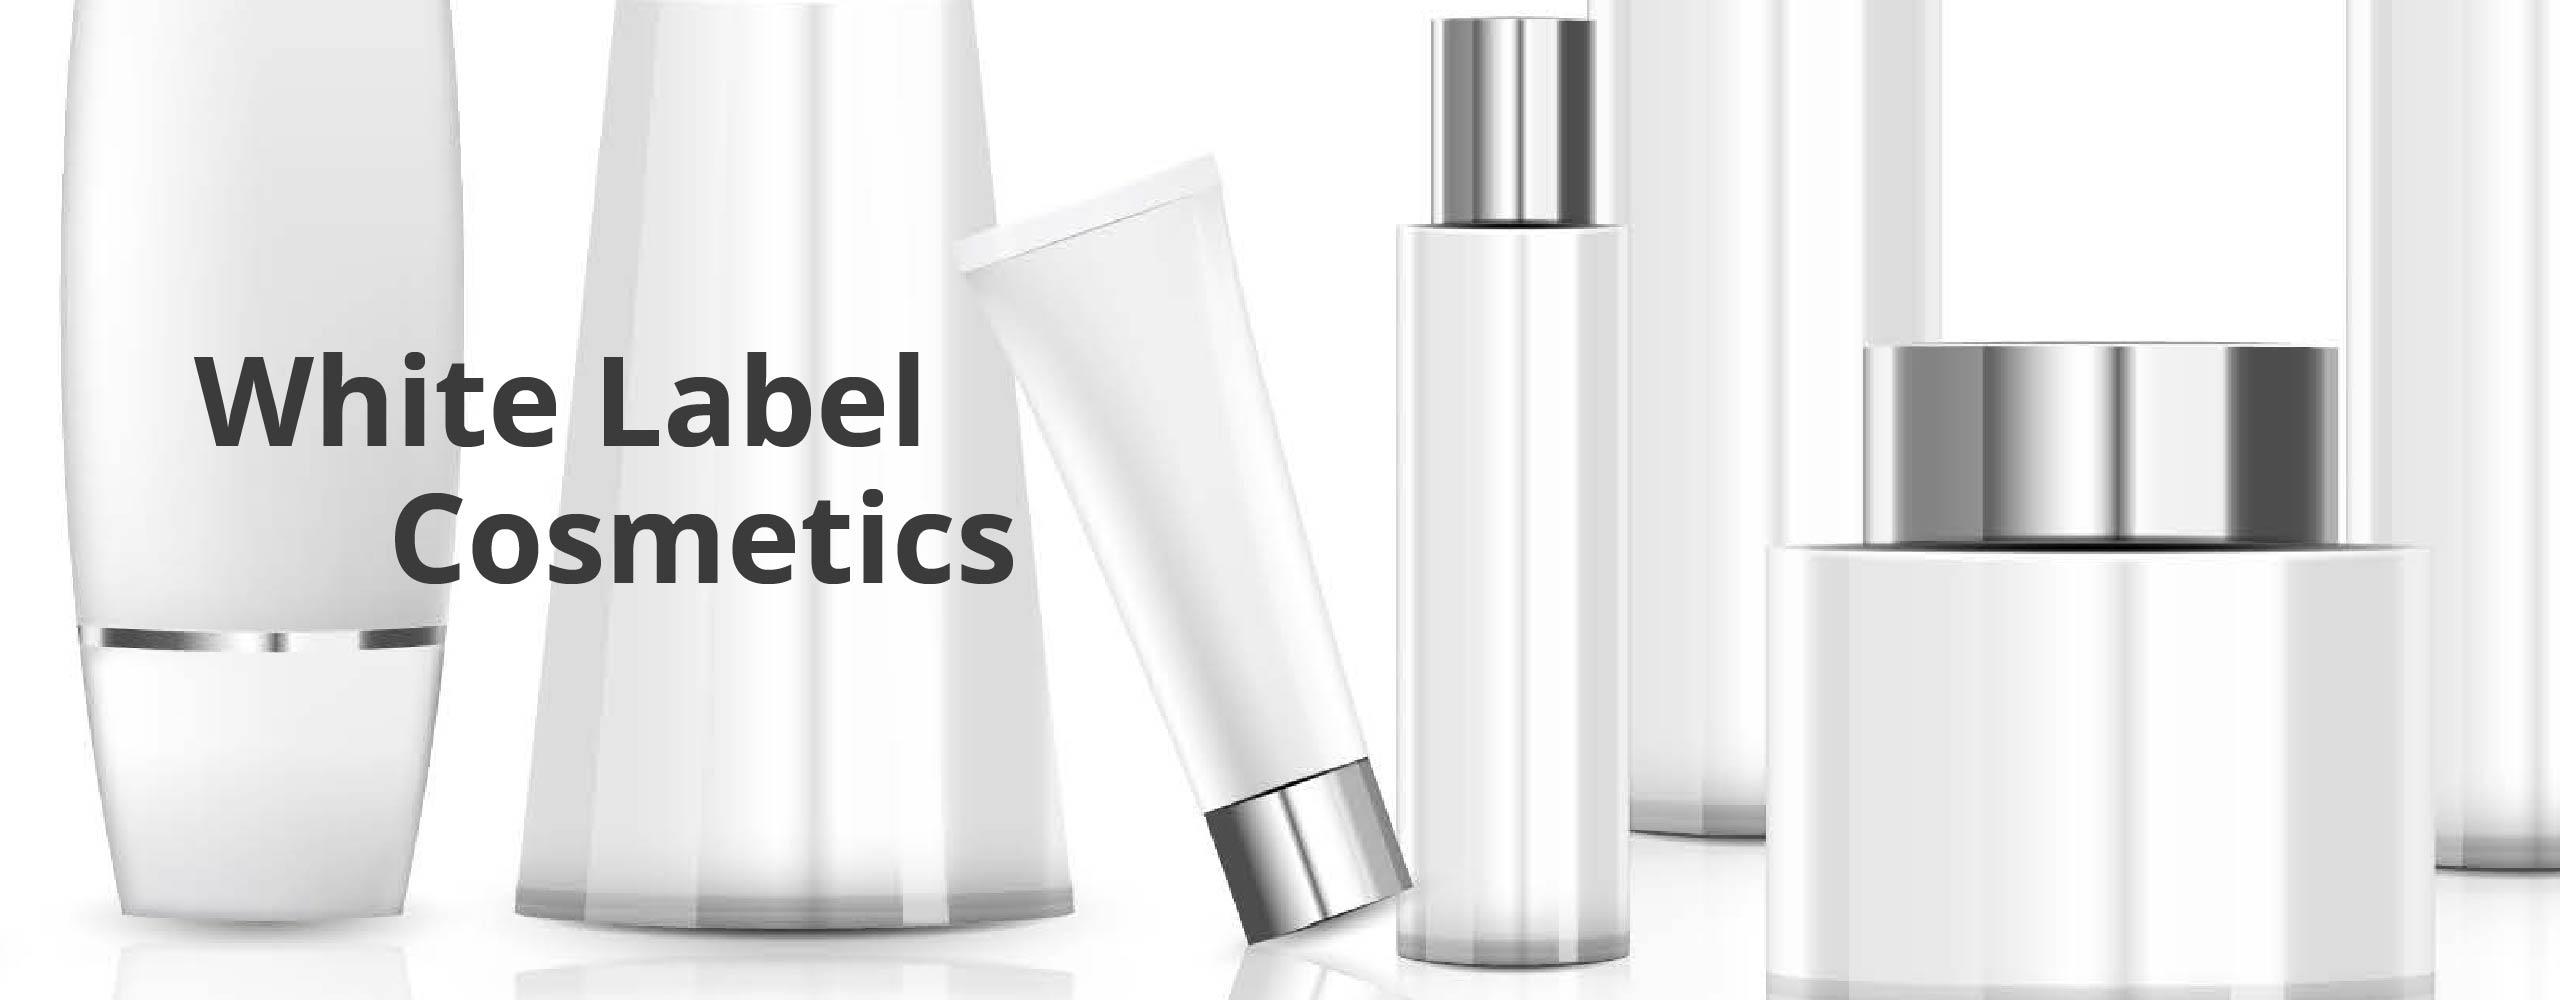 bitop :: White Label Cosmetics